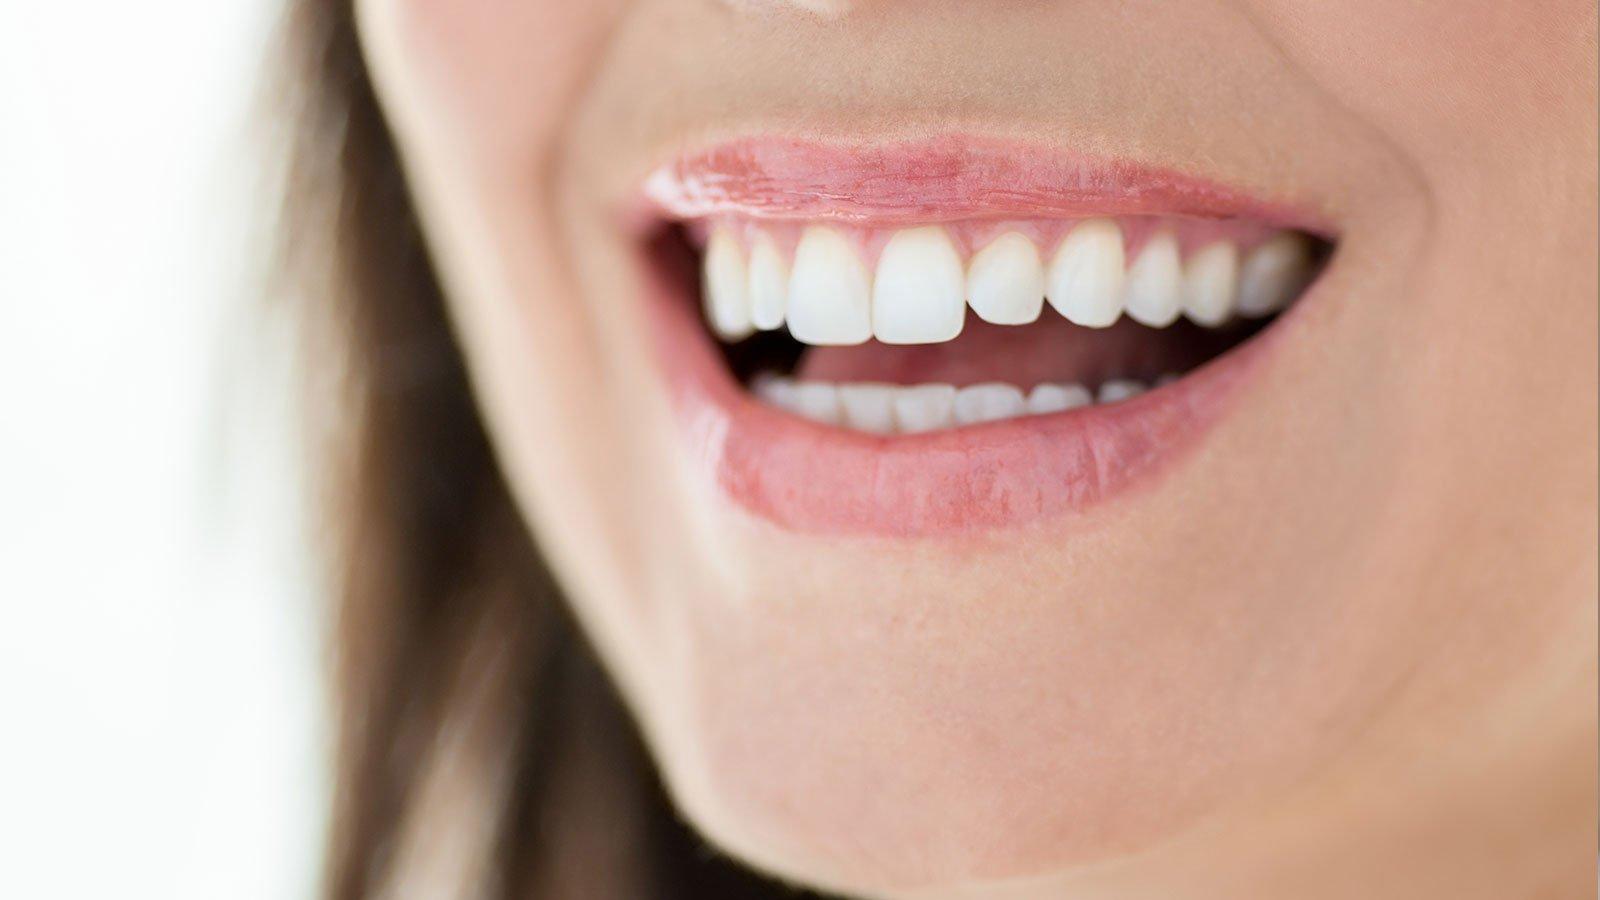 a woman's mouth